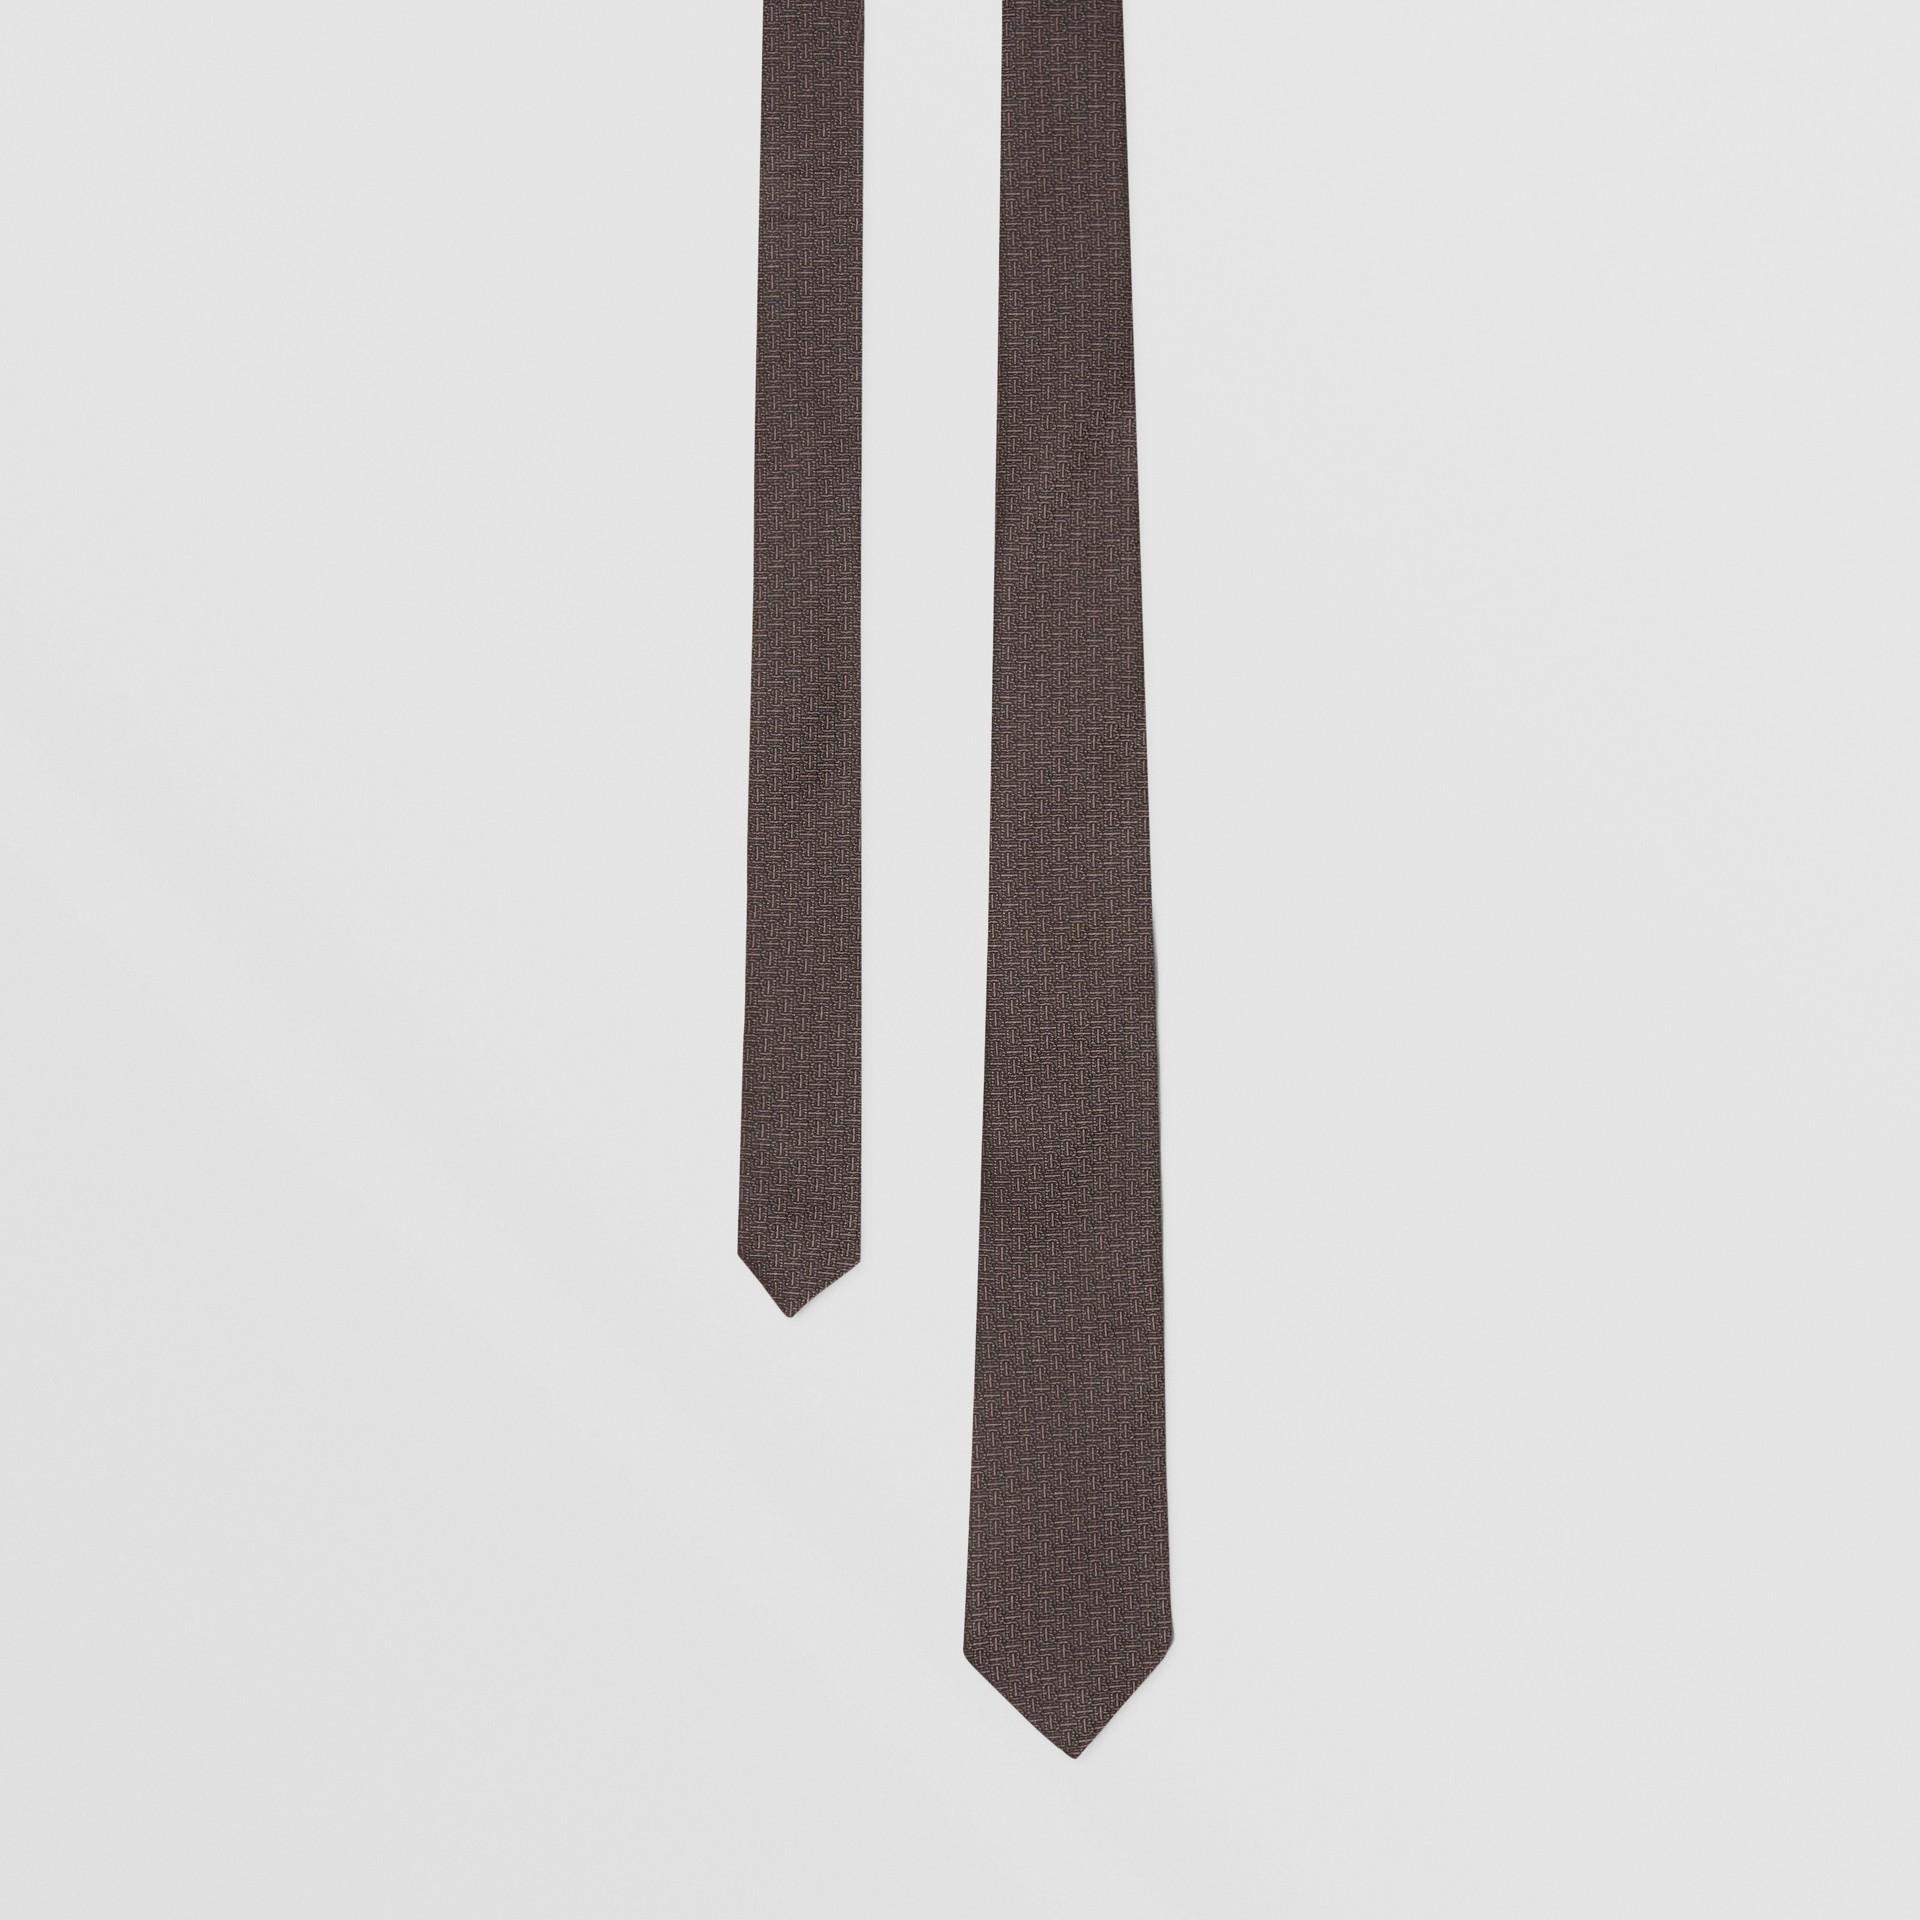 クラシックカット モノグラム シルクジャカード タイ (チャコール) - メンズ | バーバリー - ギャラリーイメージ 0